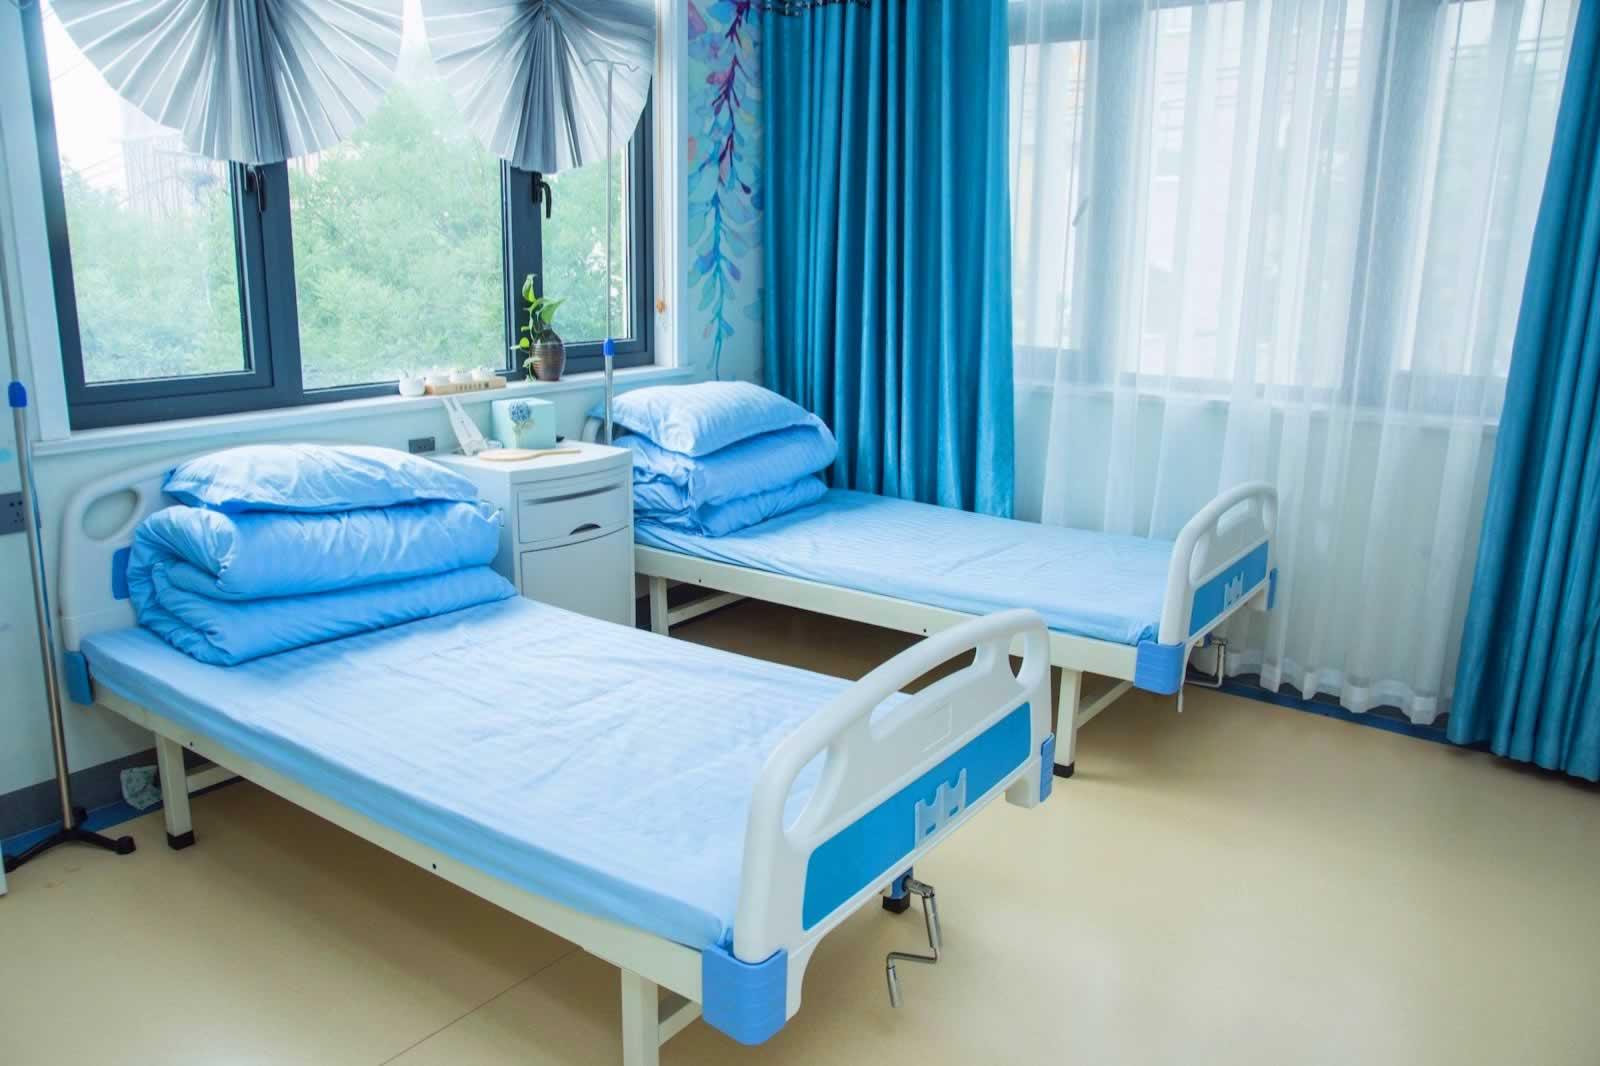 登封现代美学医疗整形医院好吗在哪条路?